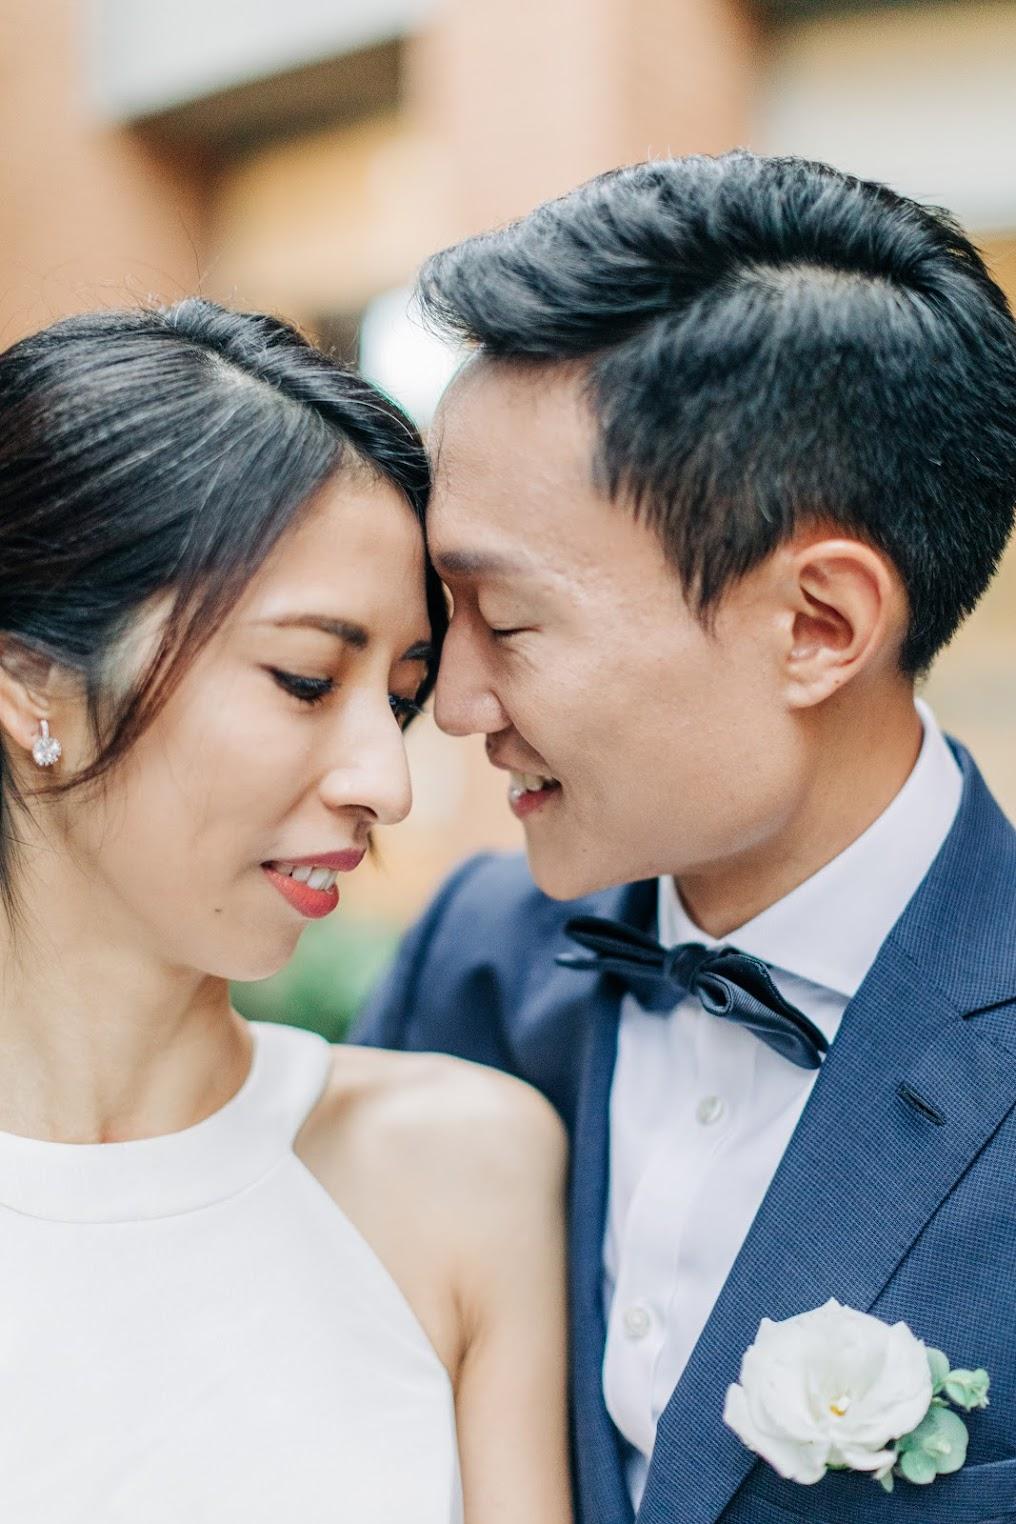 台大明達館婚禮,Living One 美式婚禮,小型婚禮派對,美式婚攝,AG婚攝,Amazing Grace攝影美學